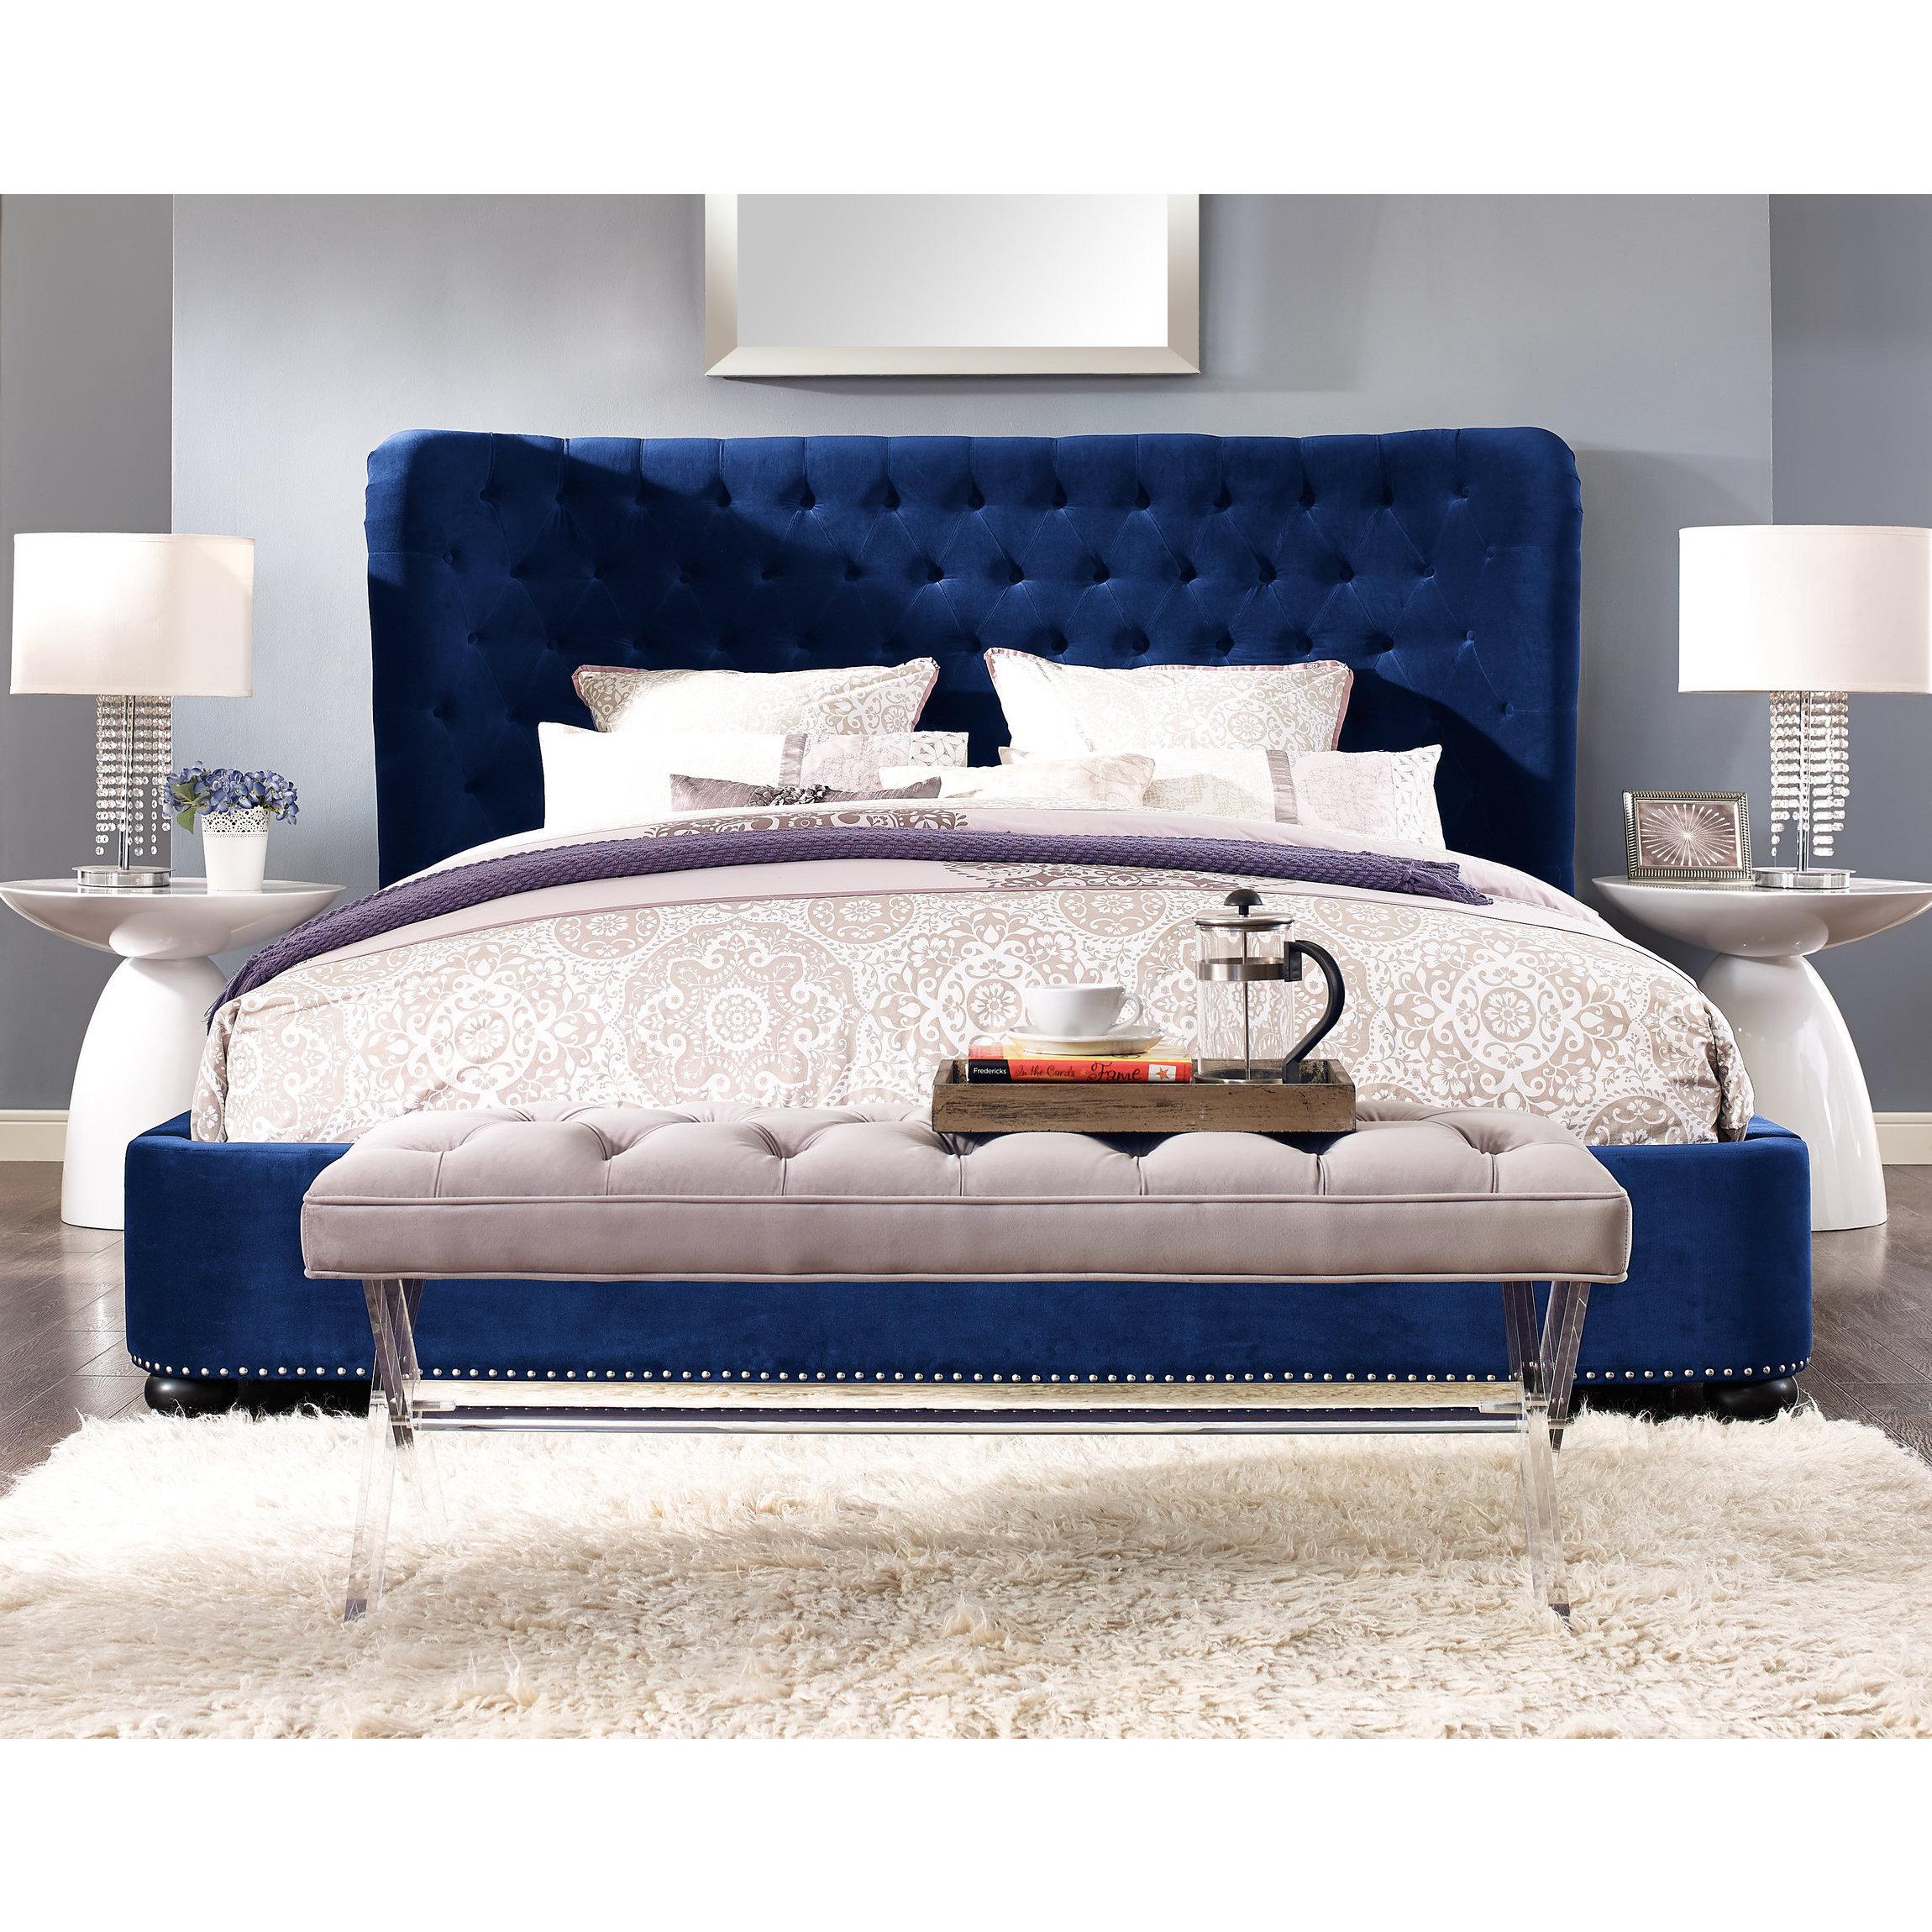 Blue velvet bed frame and headboard